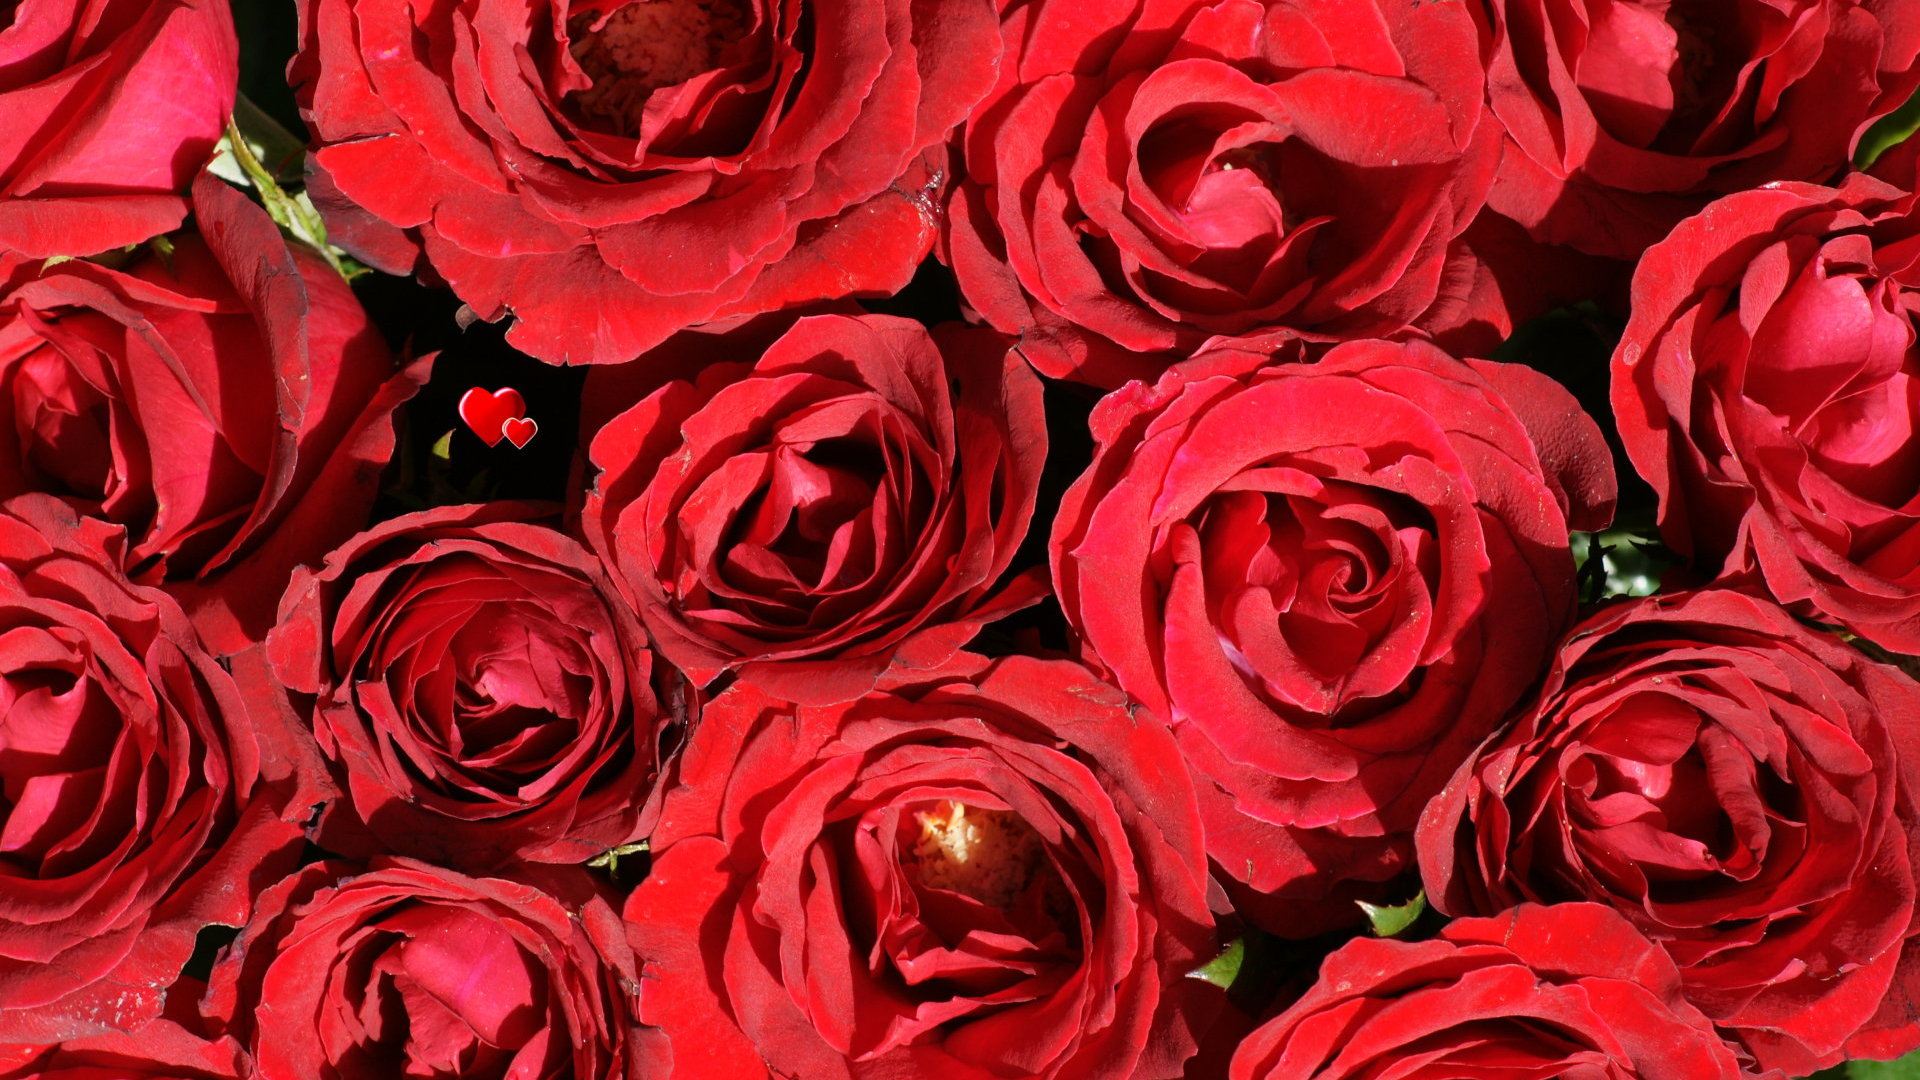 Rose wallpaper beautiful roses - Beautiful red roses wallpapers desktop ...